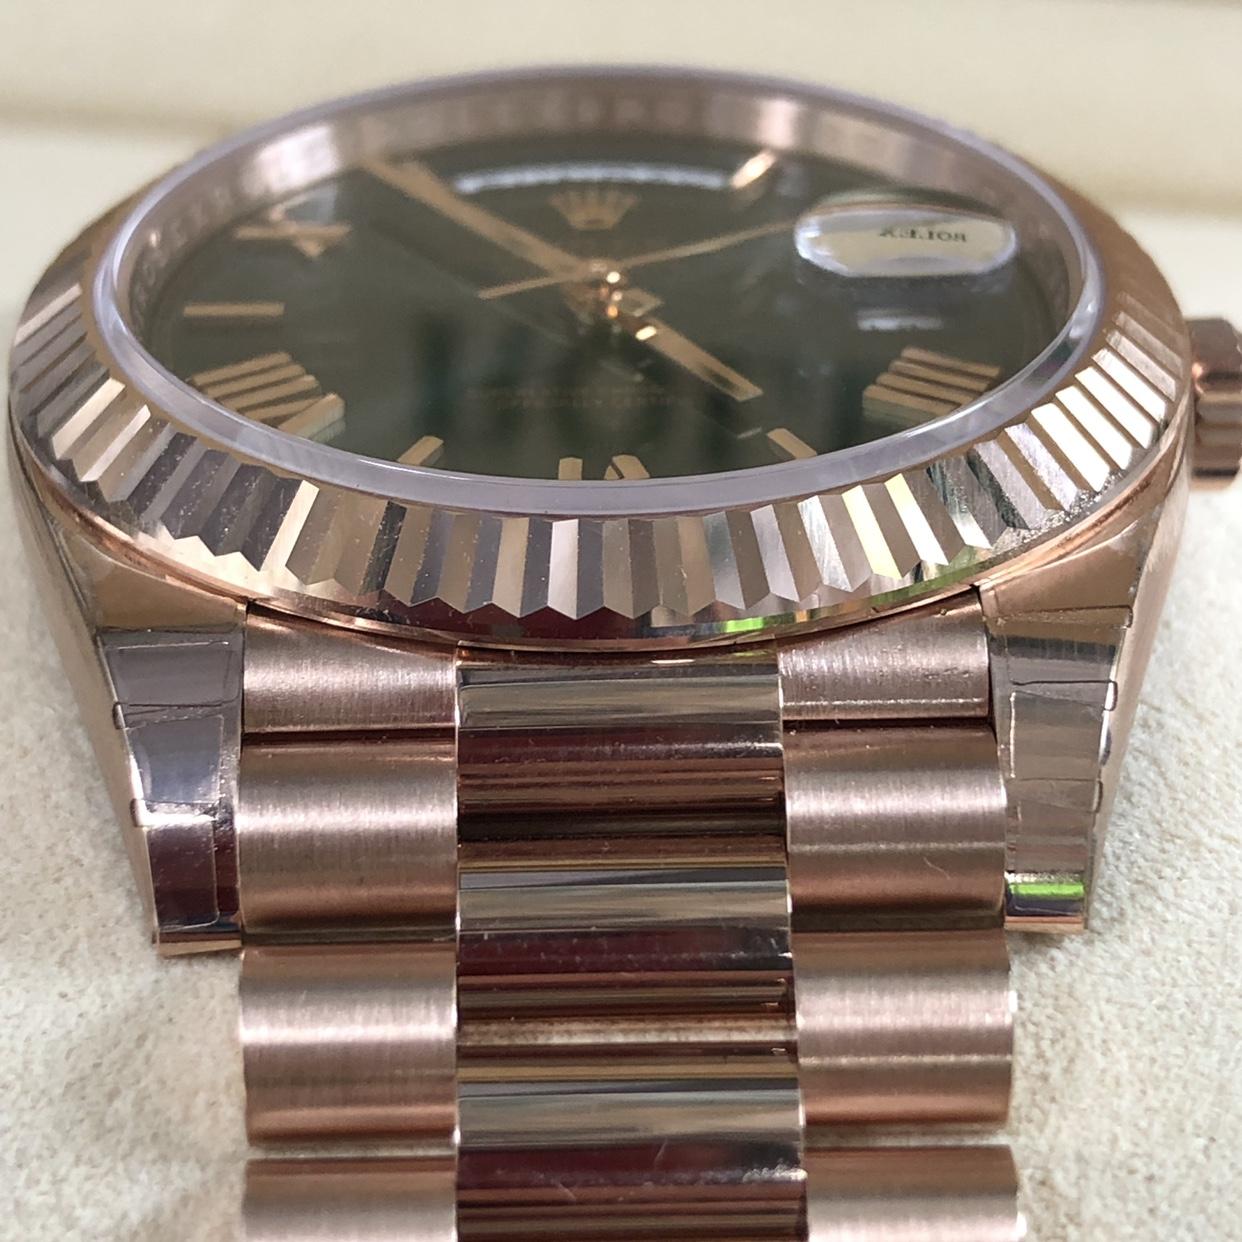 FS! Rolex 228235 18k Rose Gold Day Date 40 BNIB FULL SET